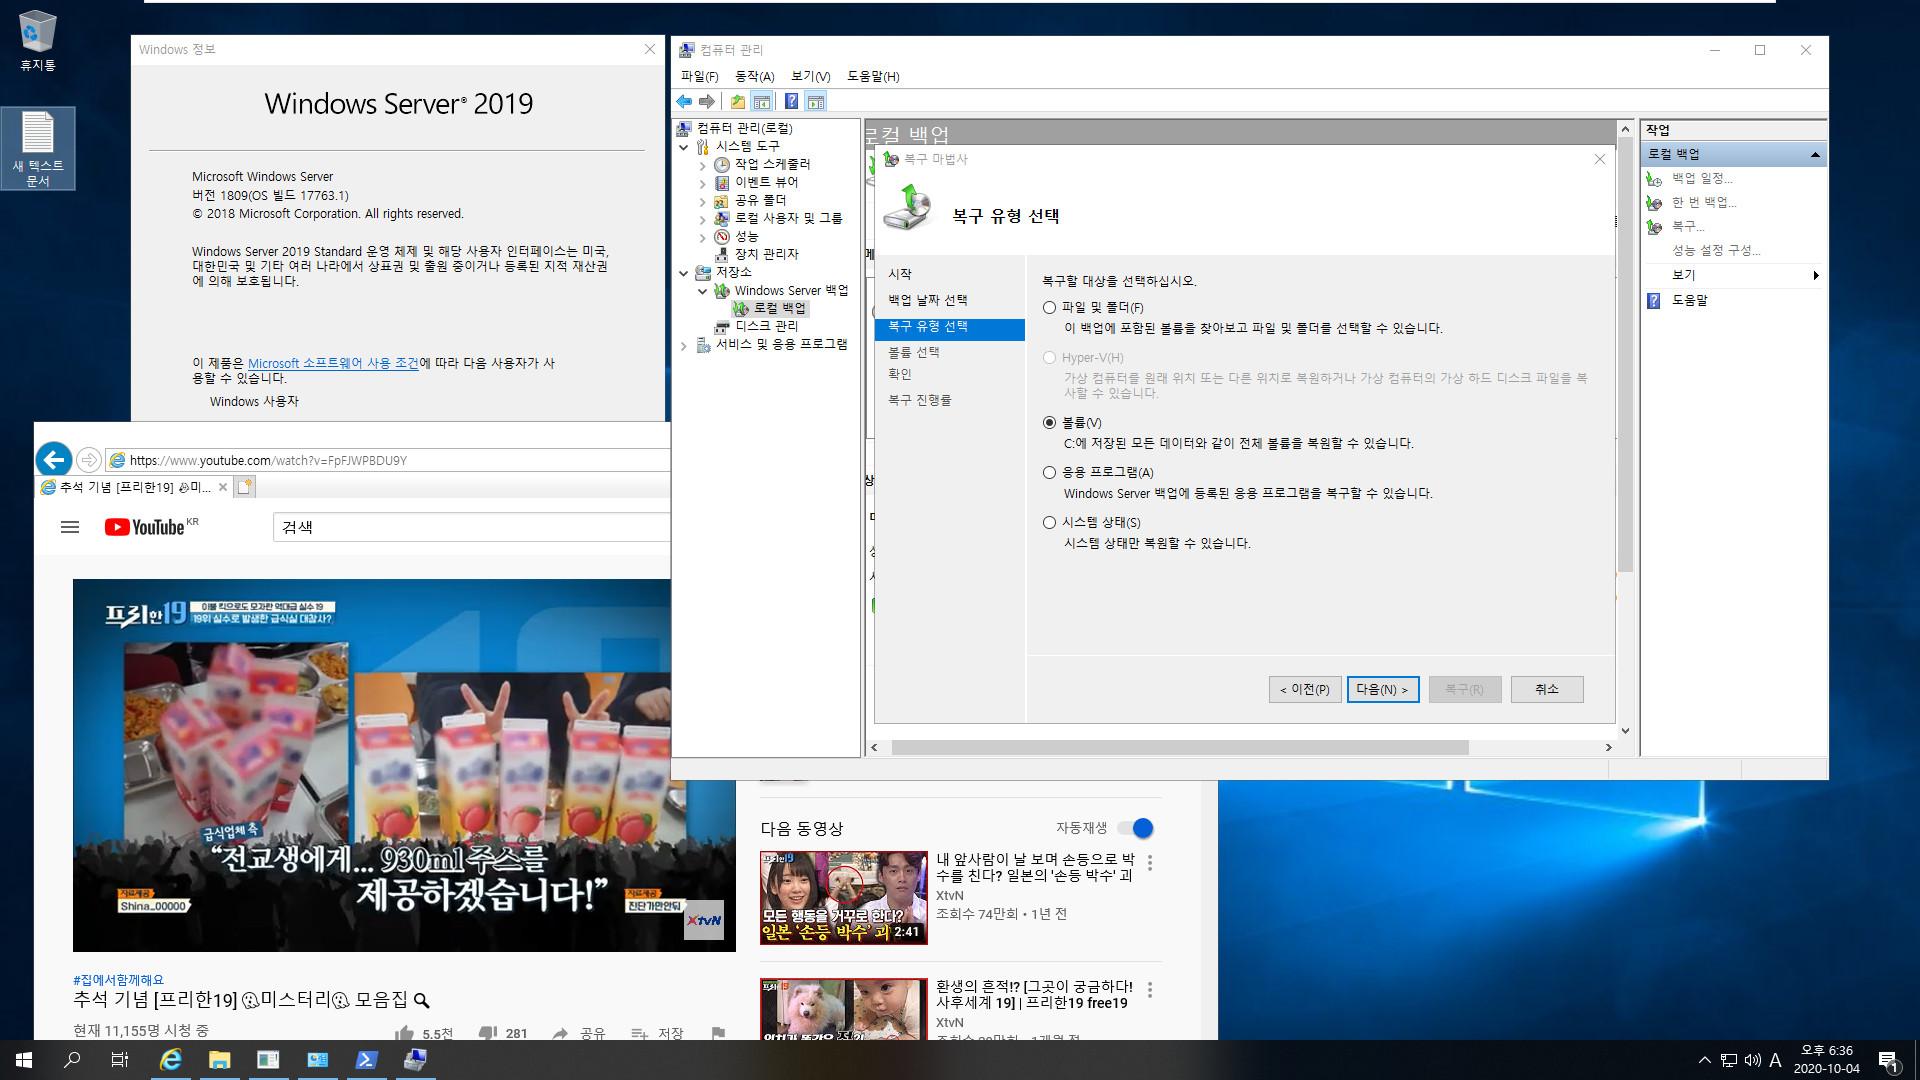 윈도우 서버군은 윈도우 사용중에도 자체 WBadmin 명령으로 윈도우 복구를 합니다 - Windows Server 2019로 복구 테스트 2020-10-04_183629.jpg